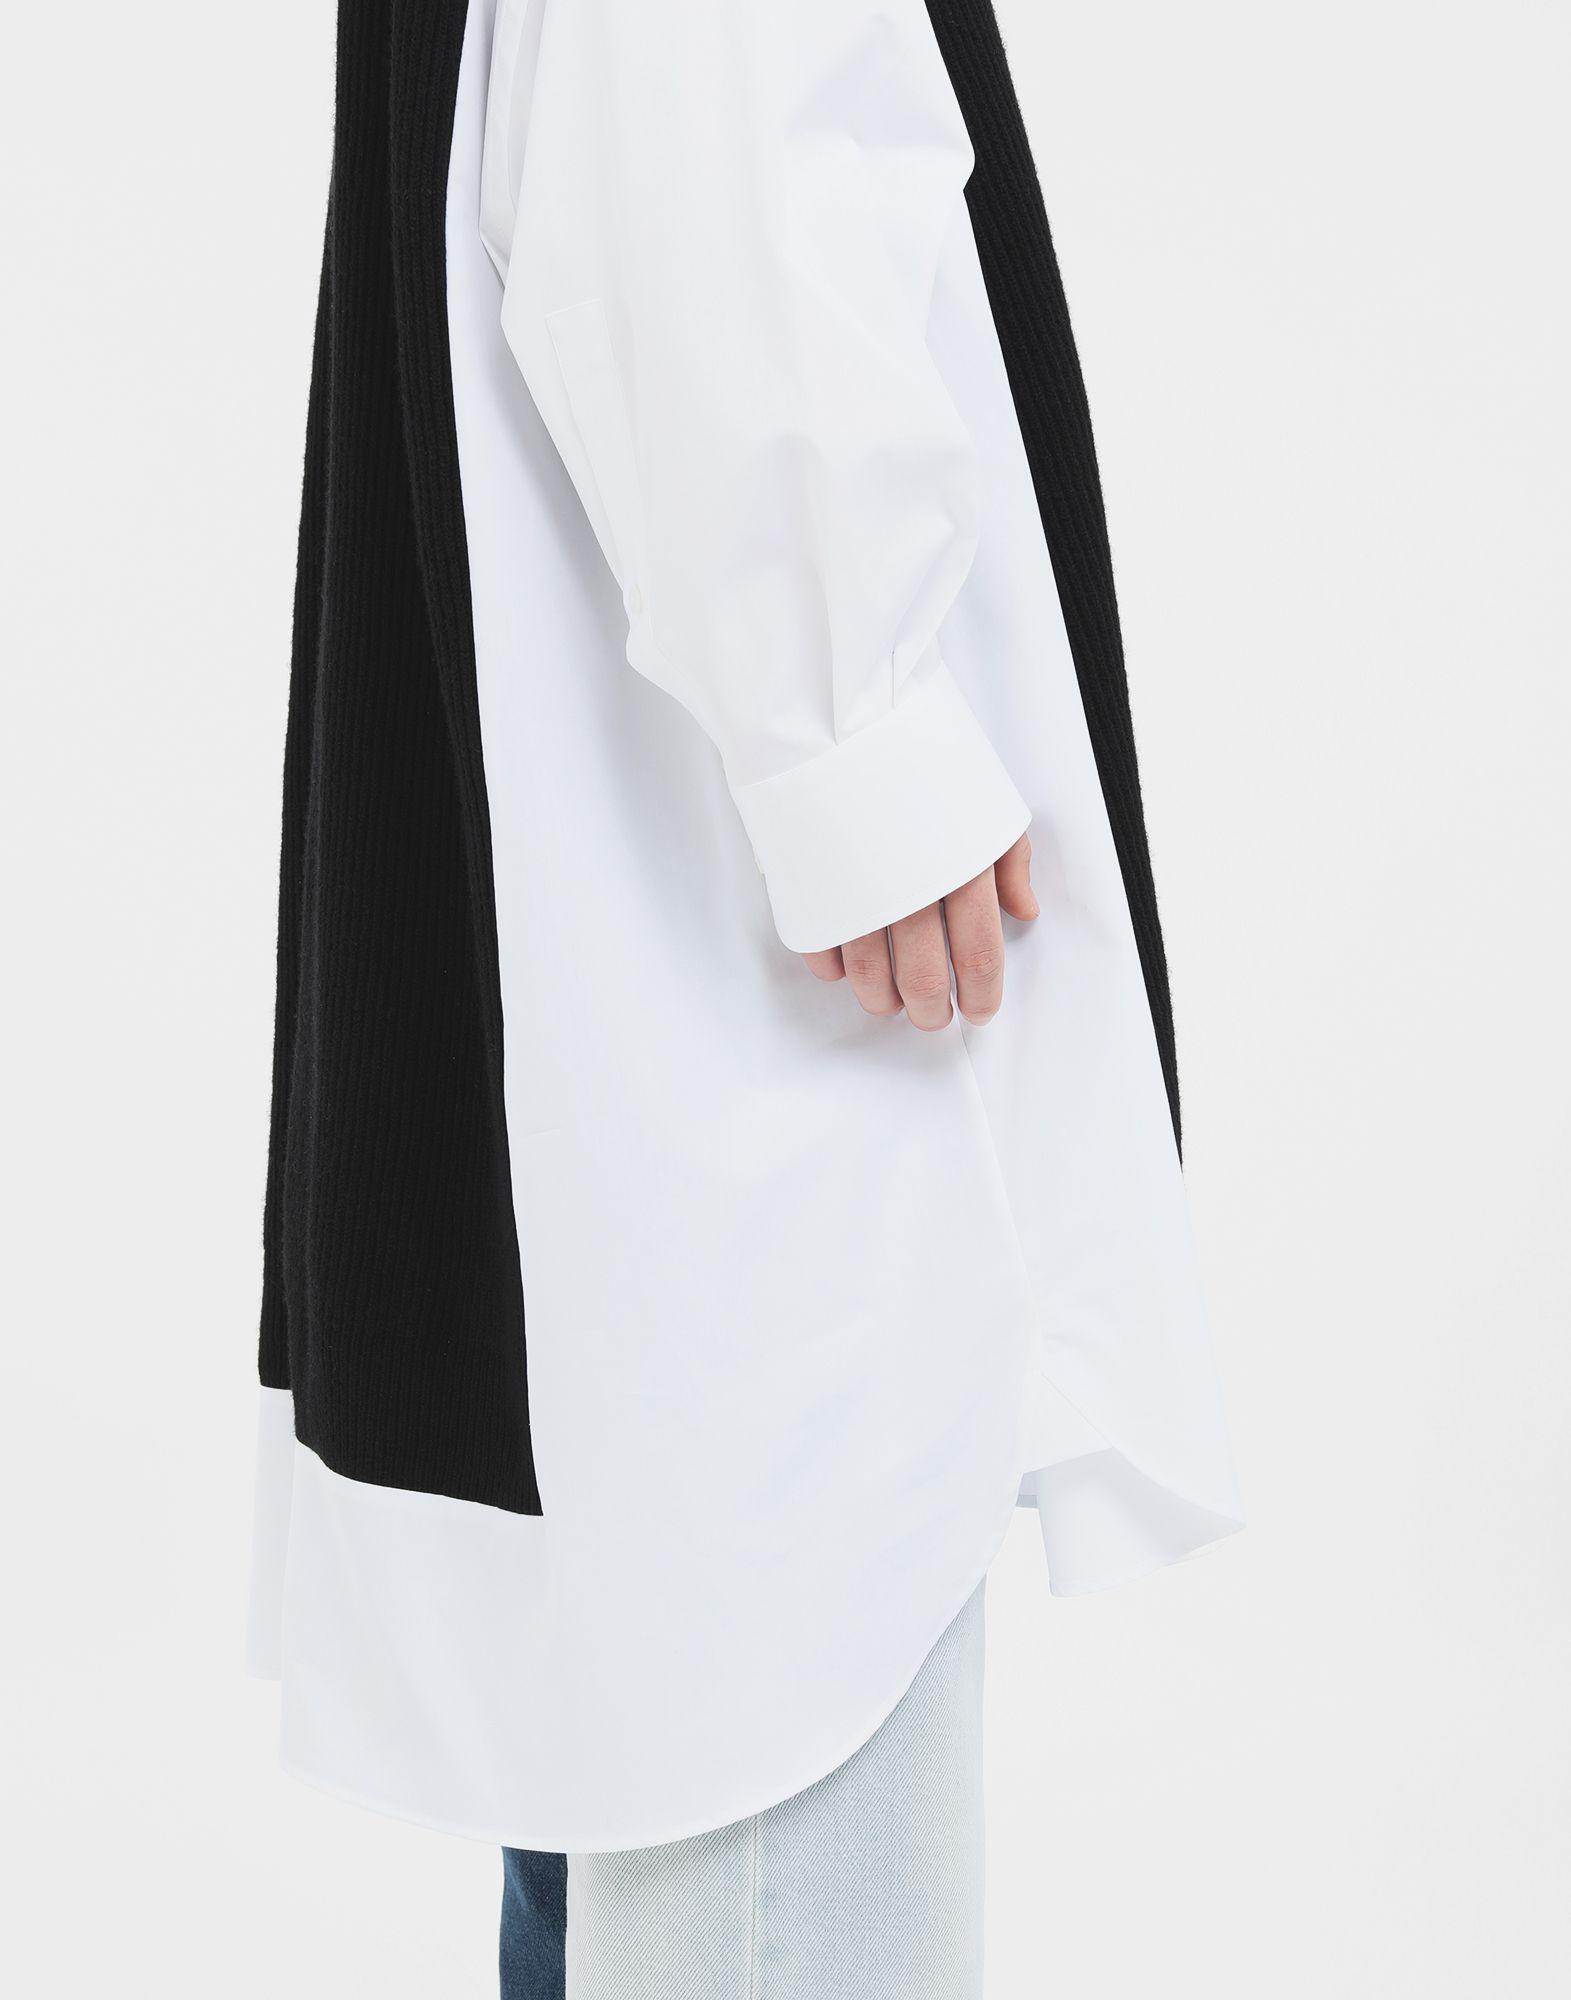 MAISON MARGIELA Camicia Spliced con pannelli in maglia Camicia maniche lunghe Donna b